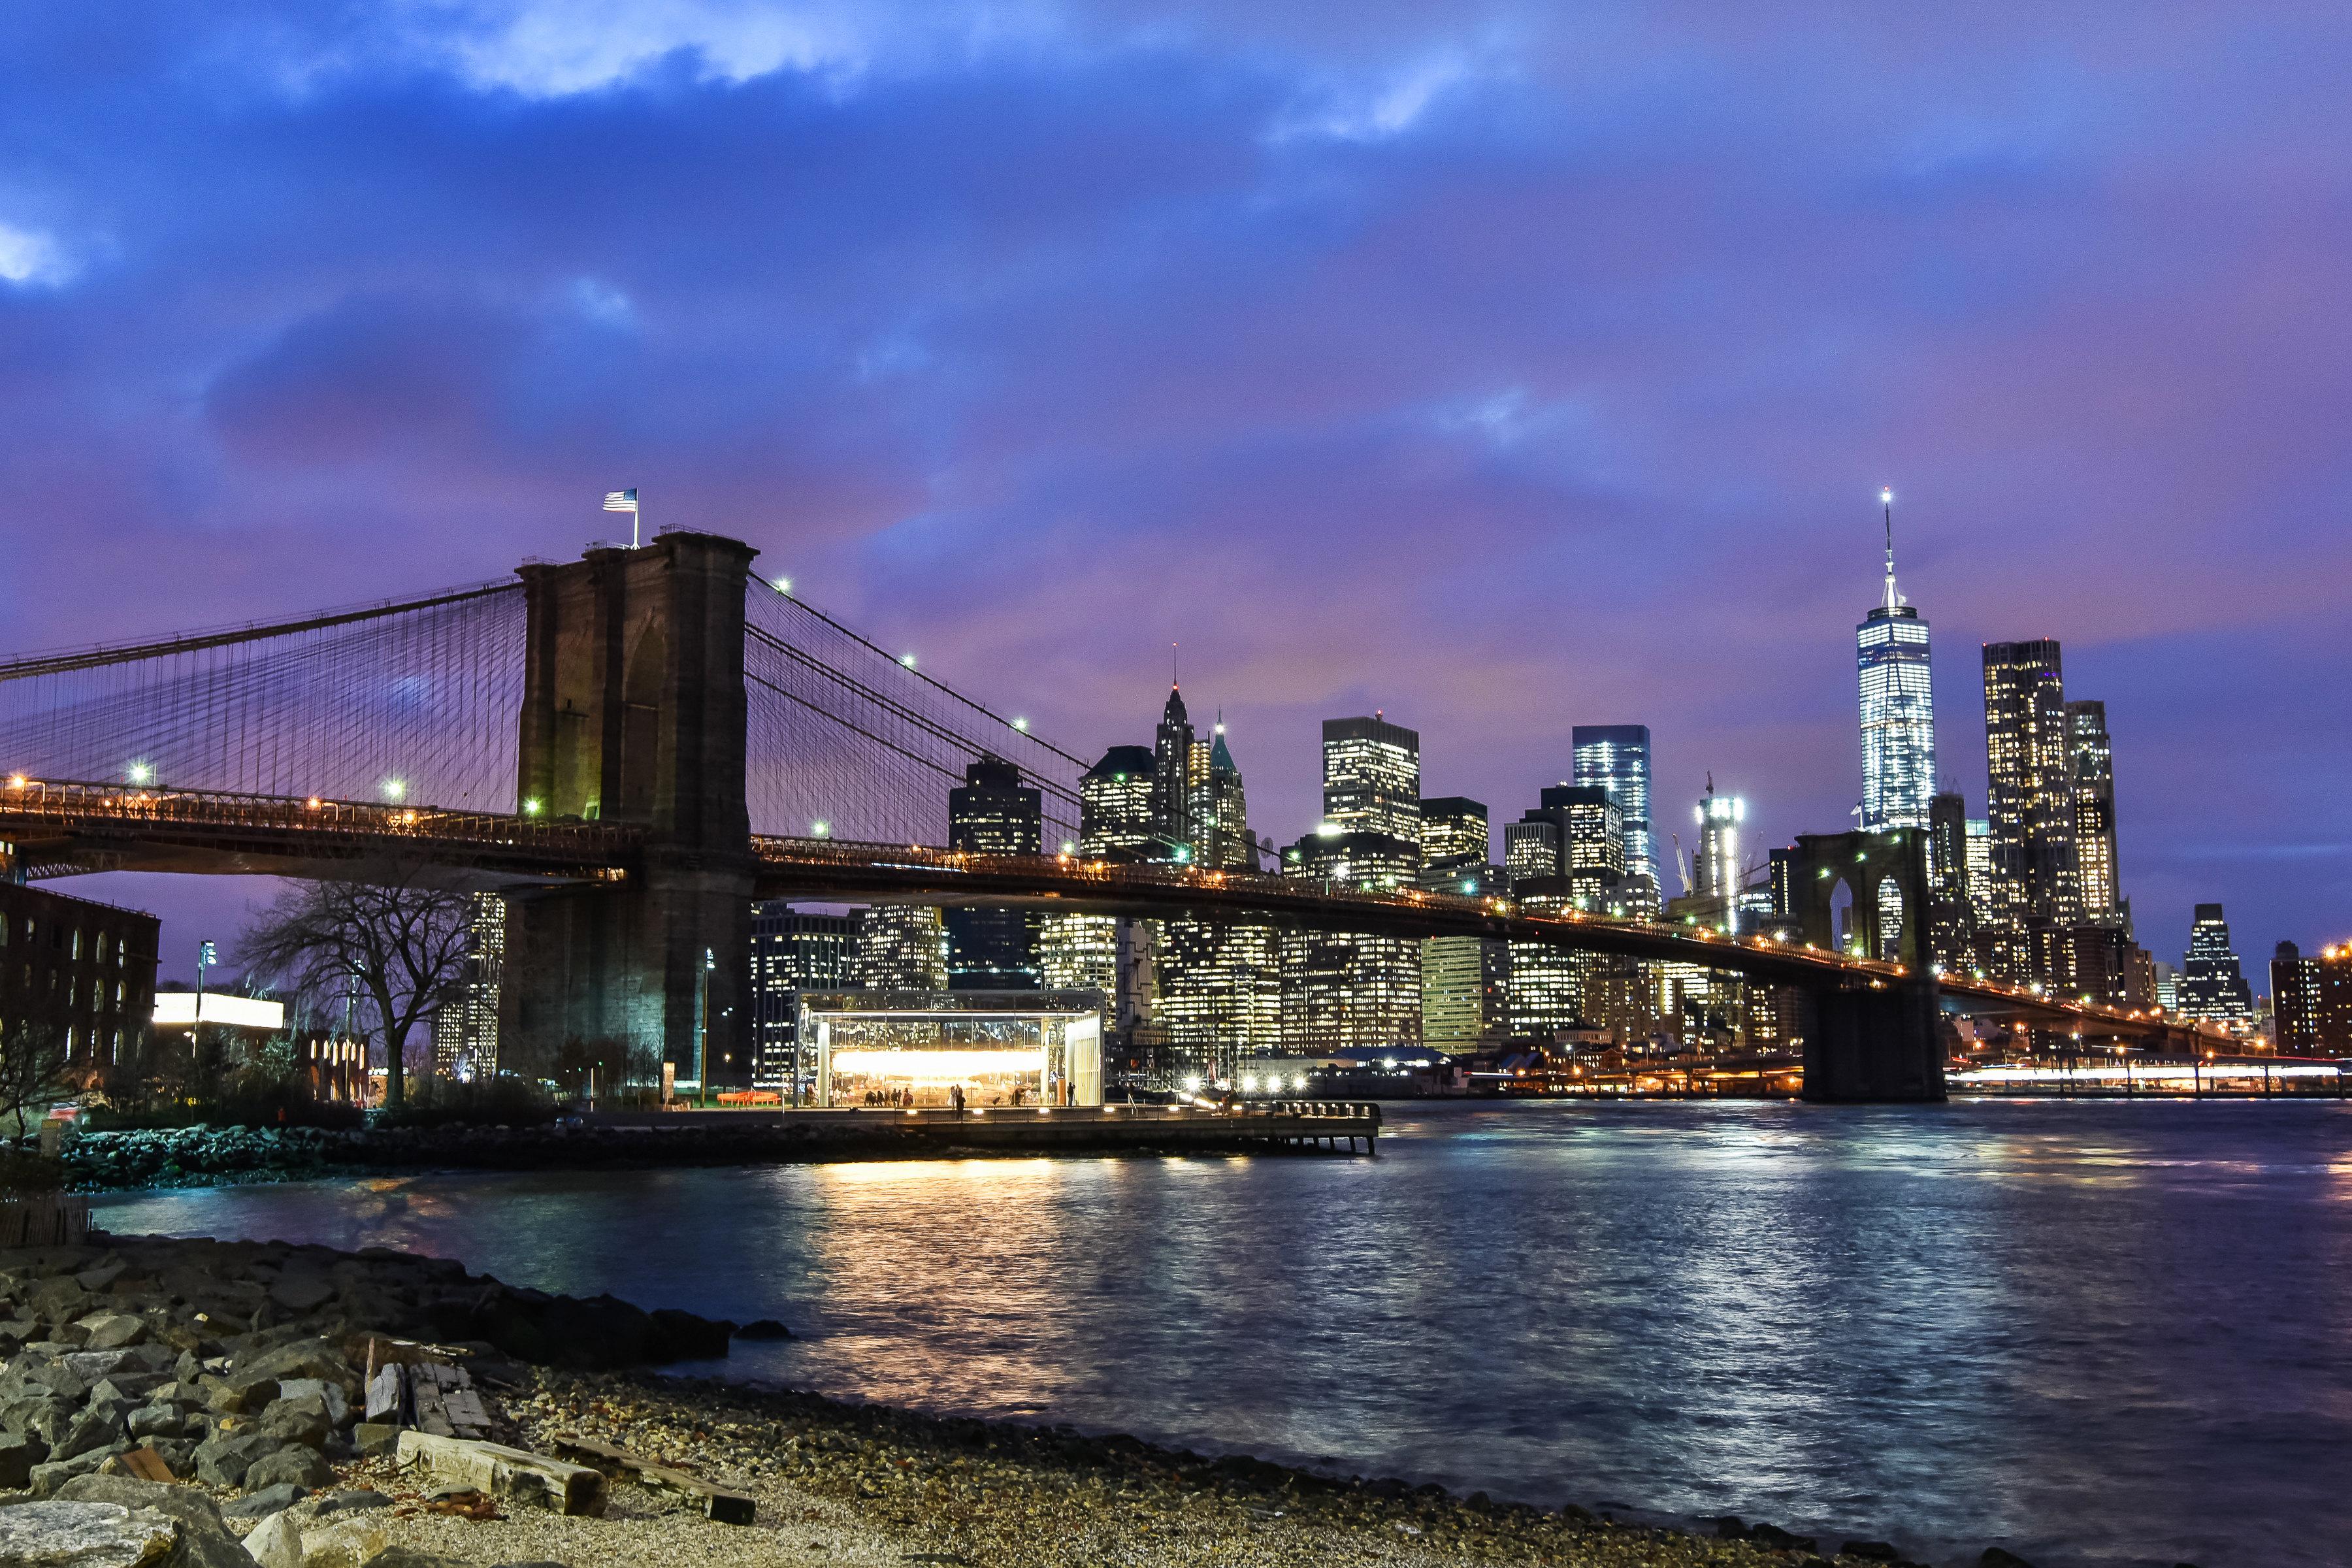 紐約6小時深度步行體驗遊一日遊